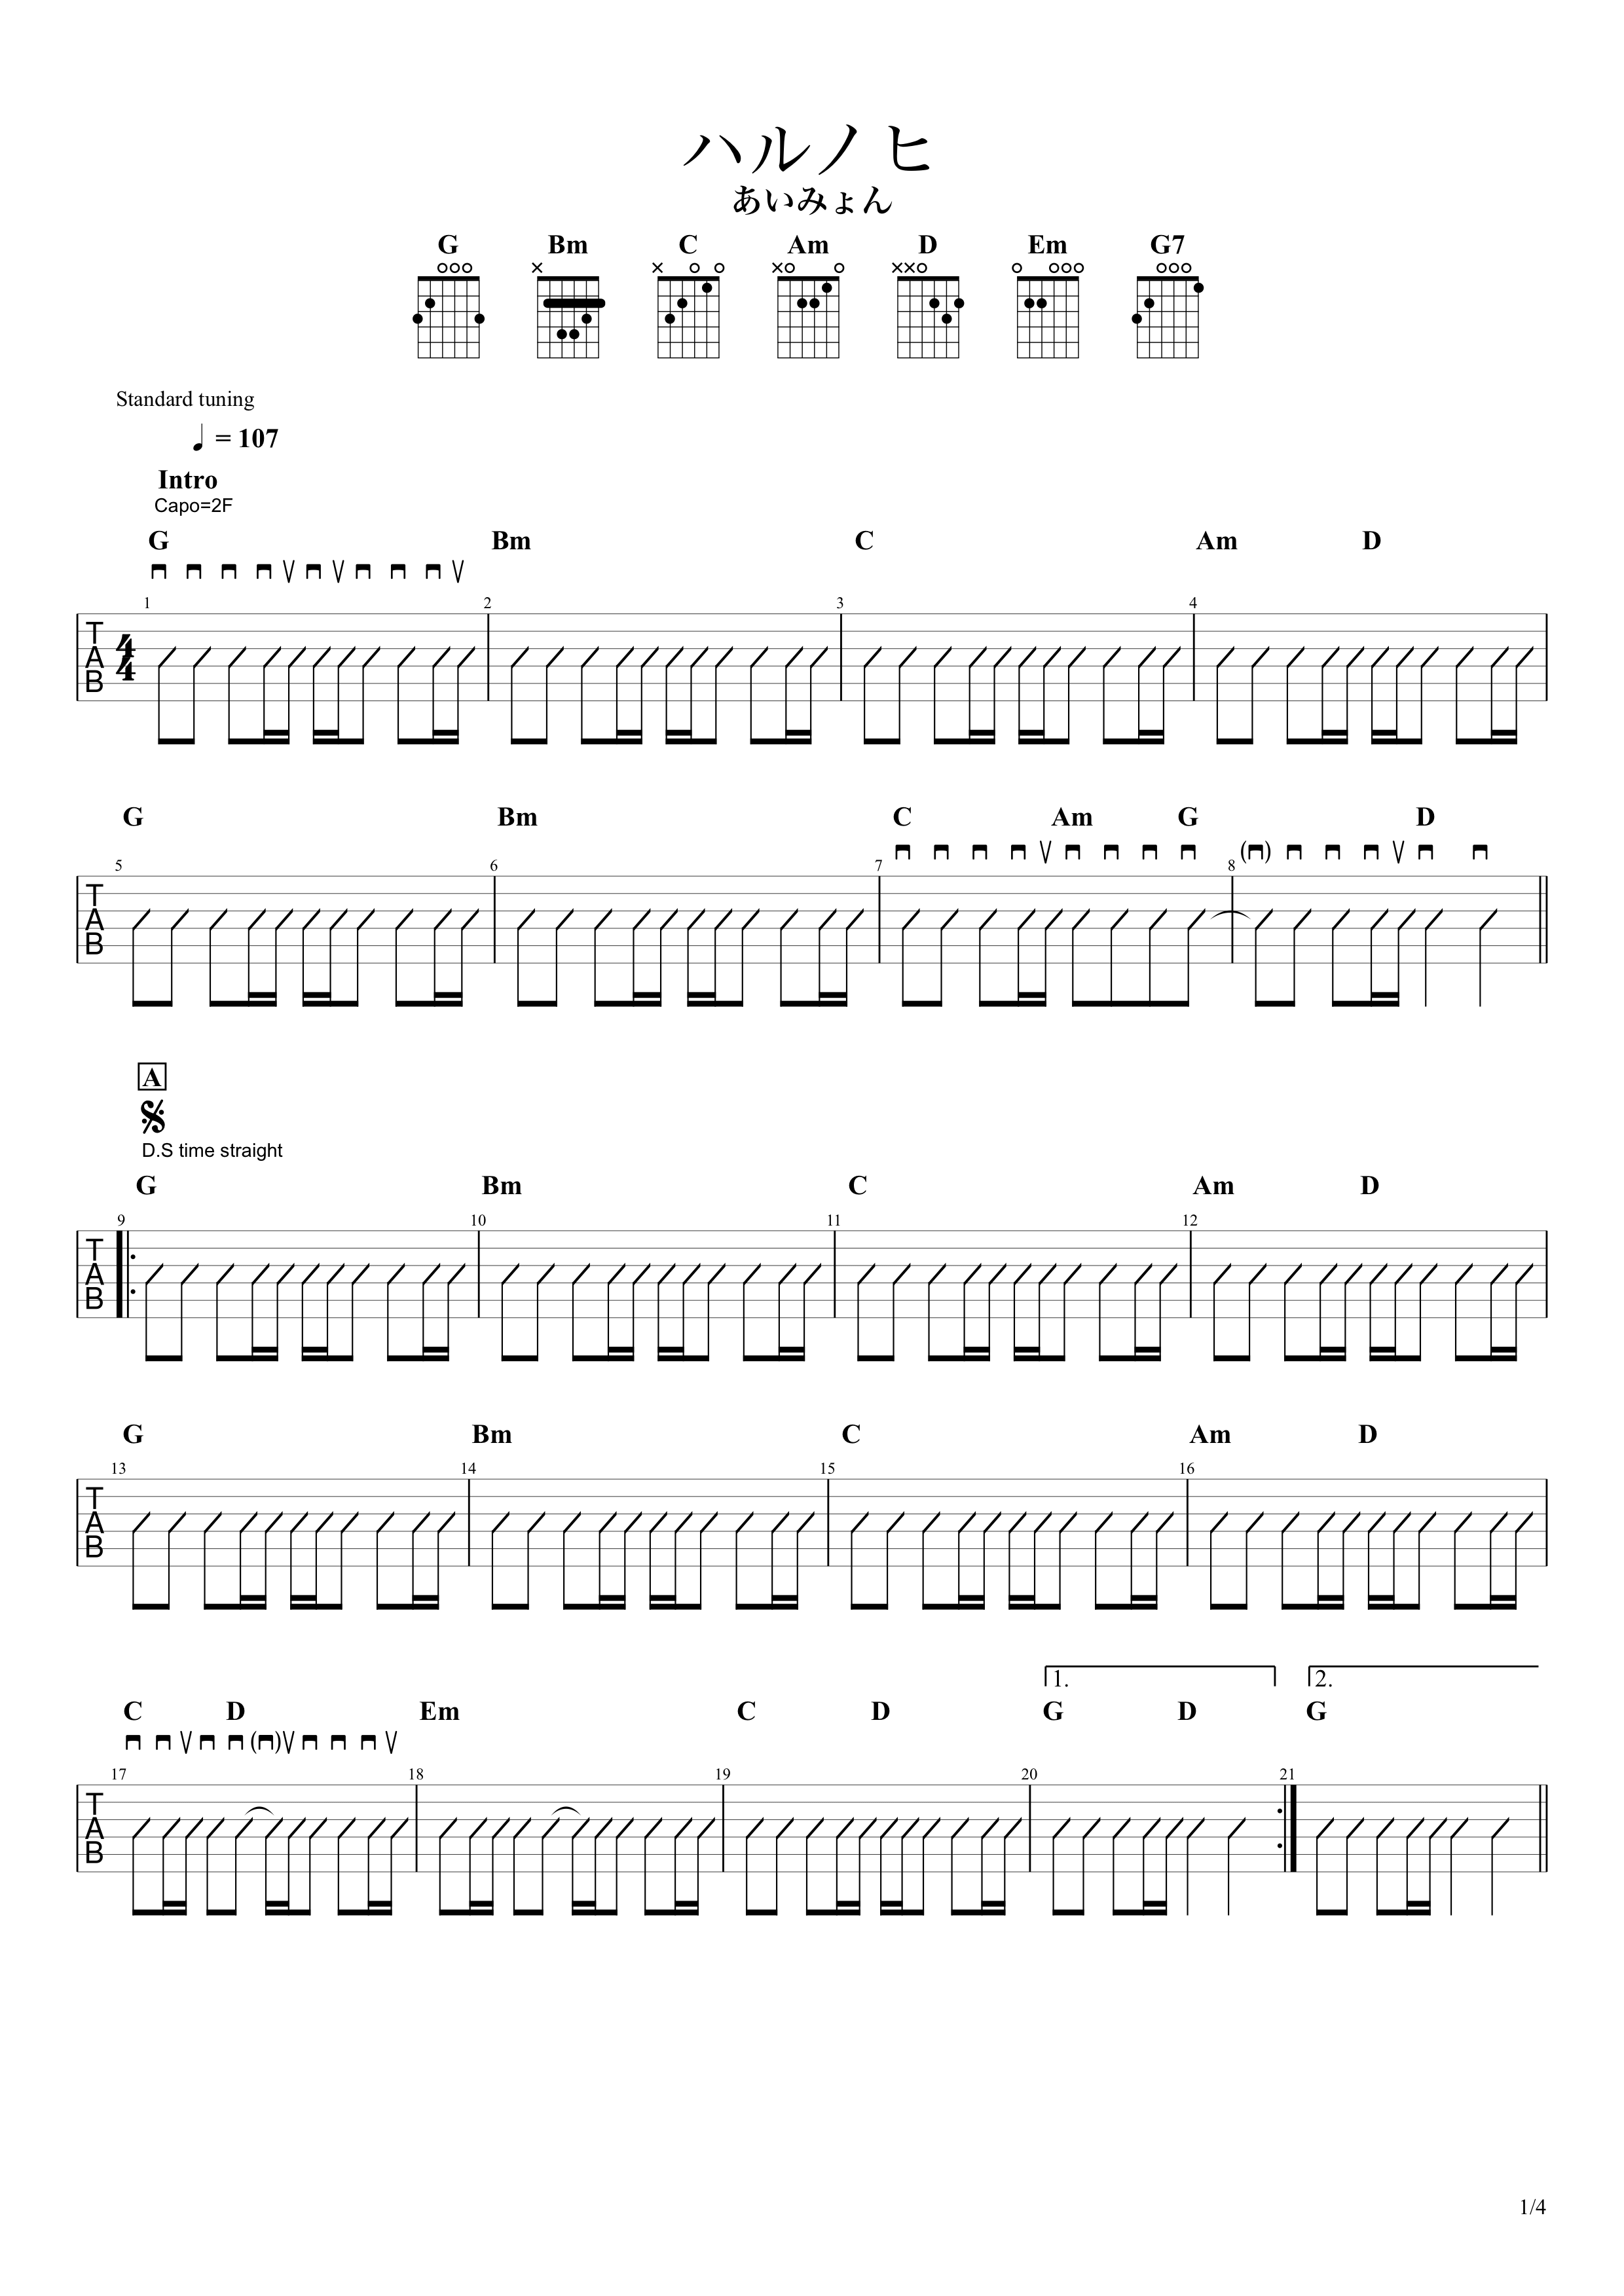 ハルノヒ/あいみょん ギターコードスコア01